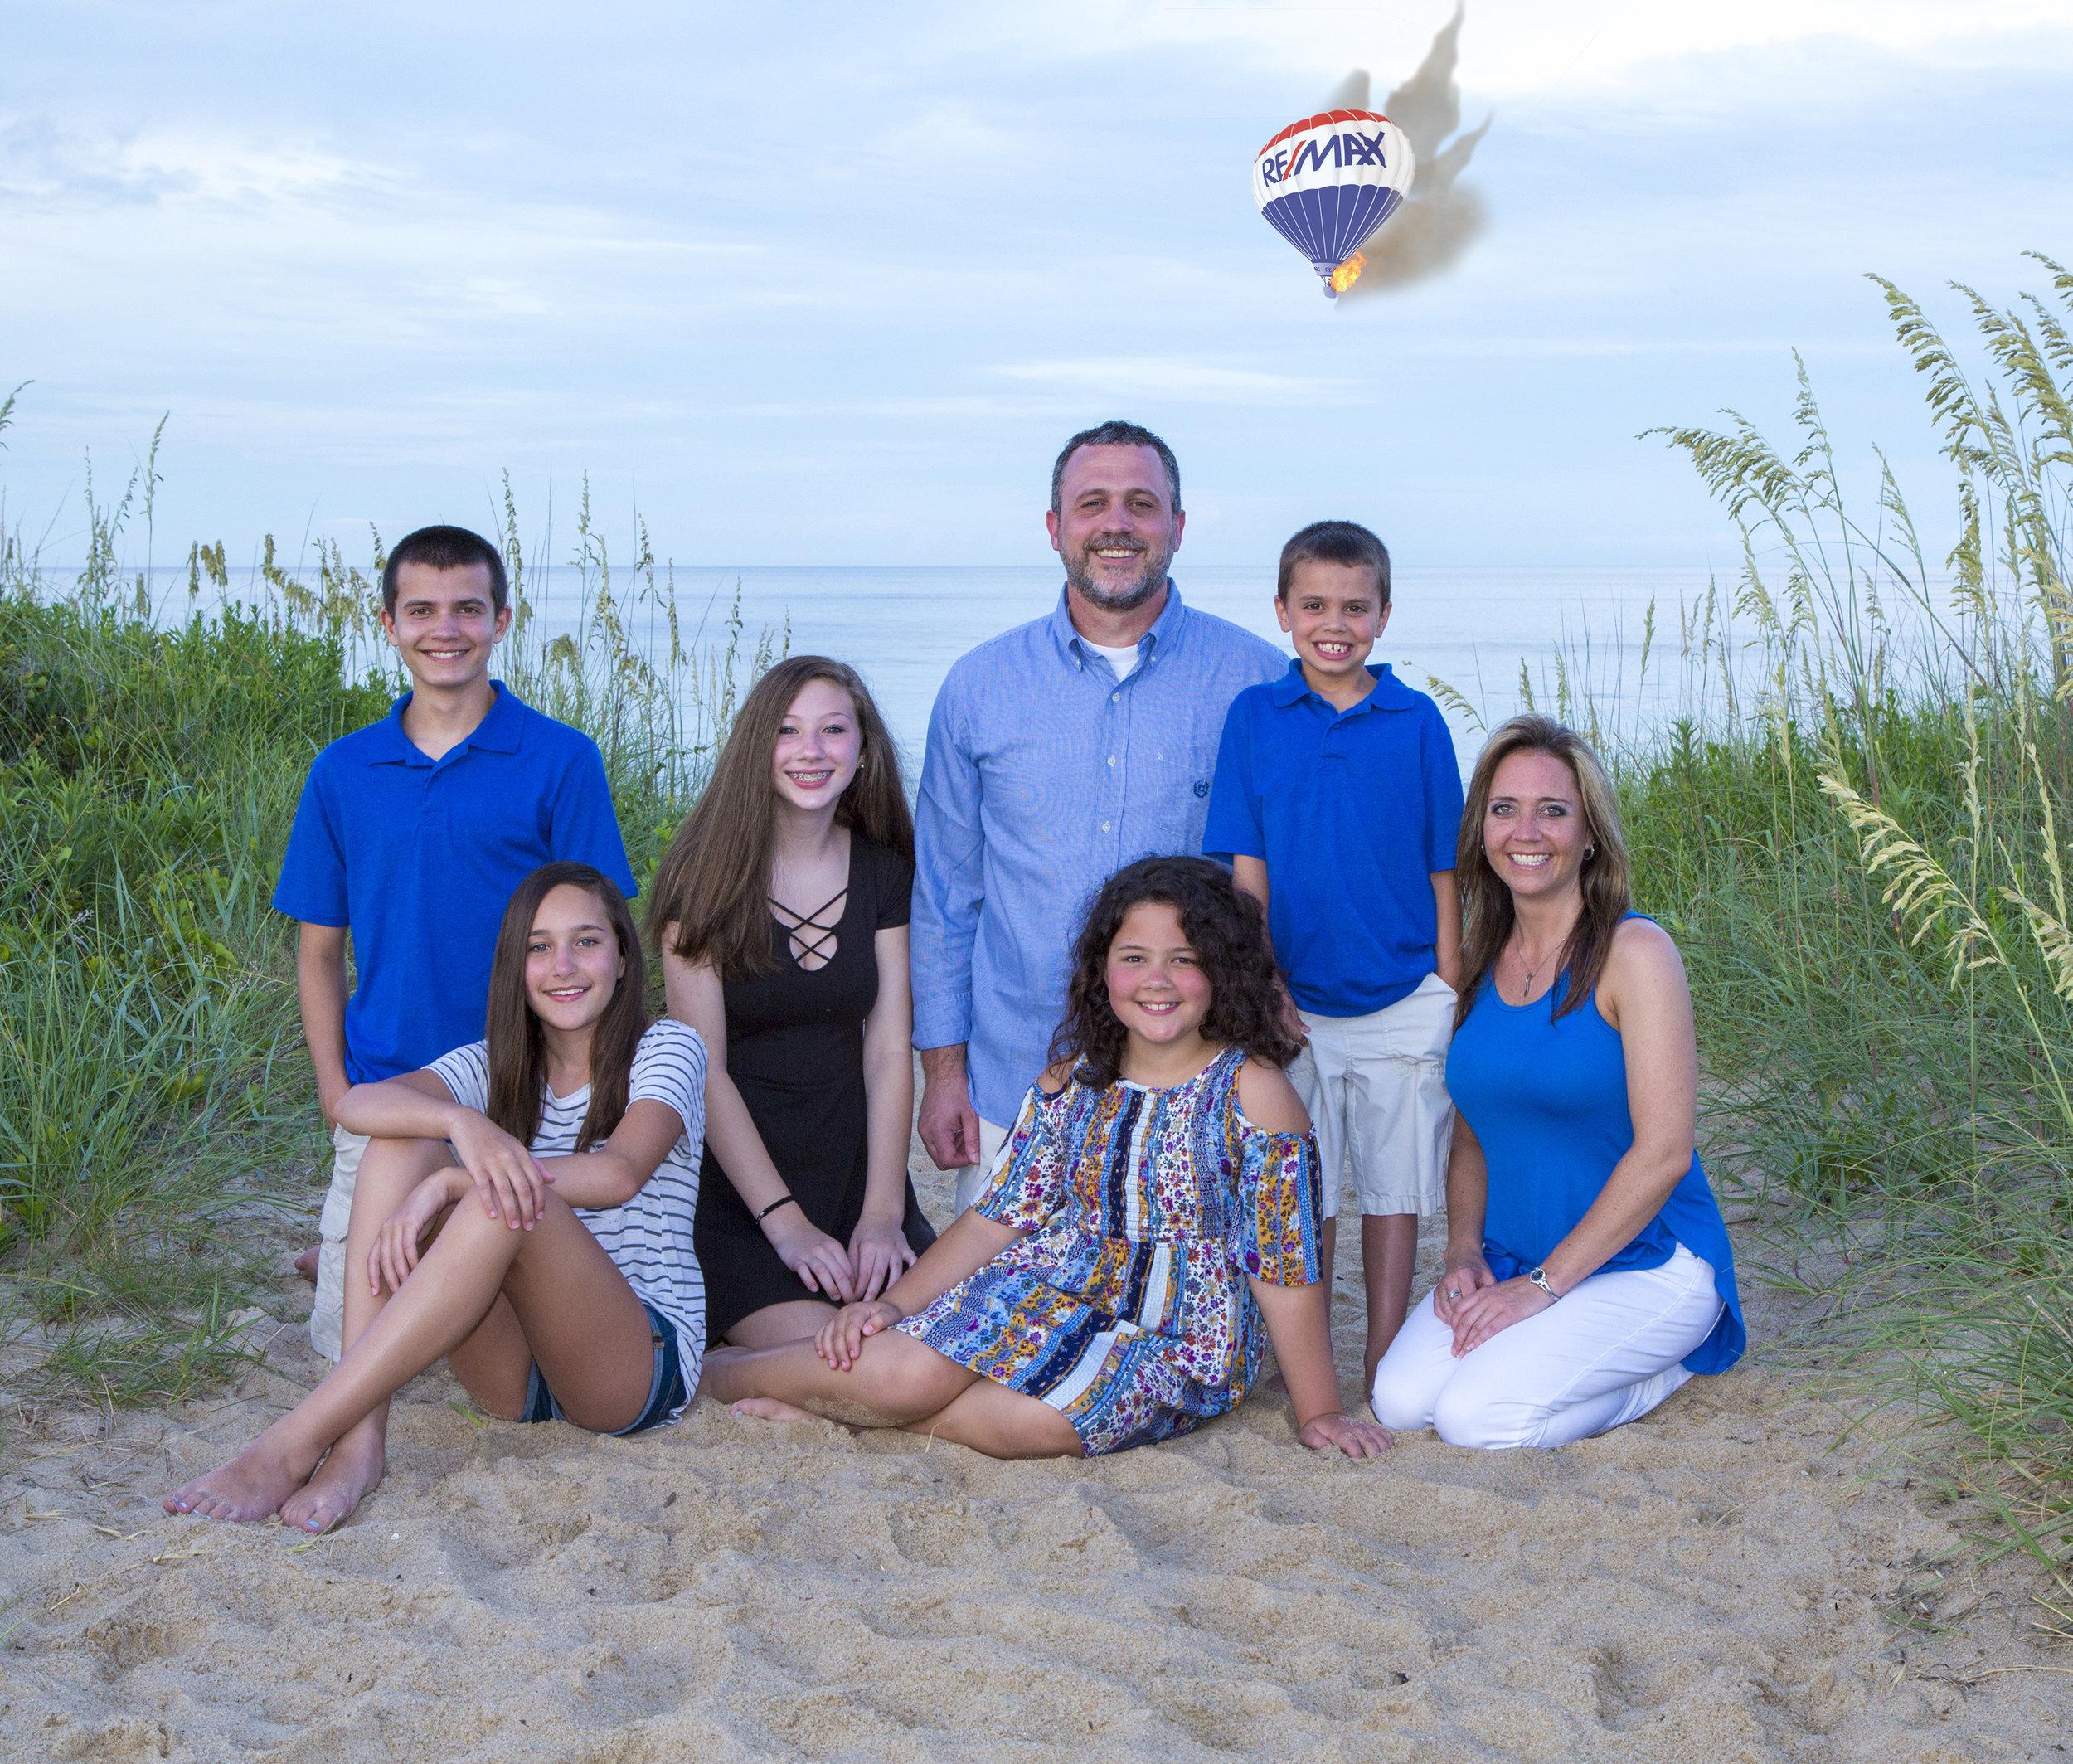 familyphoto10 3.jpg